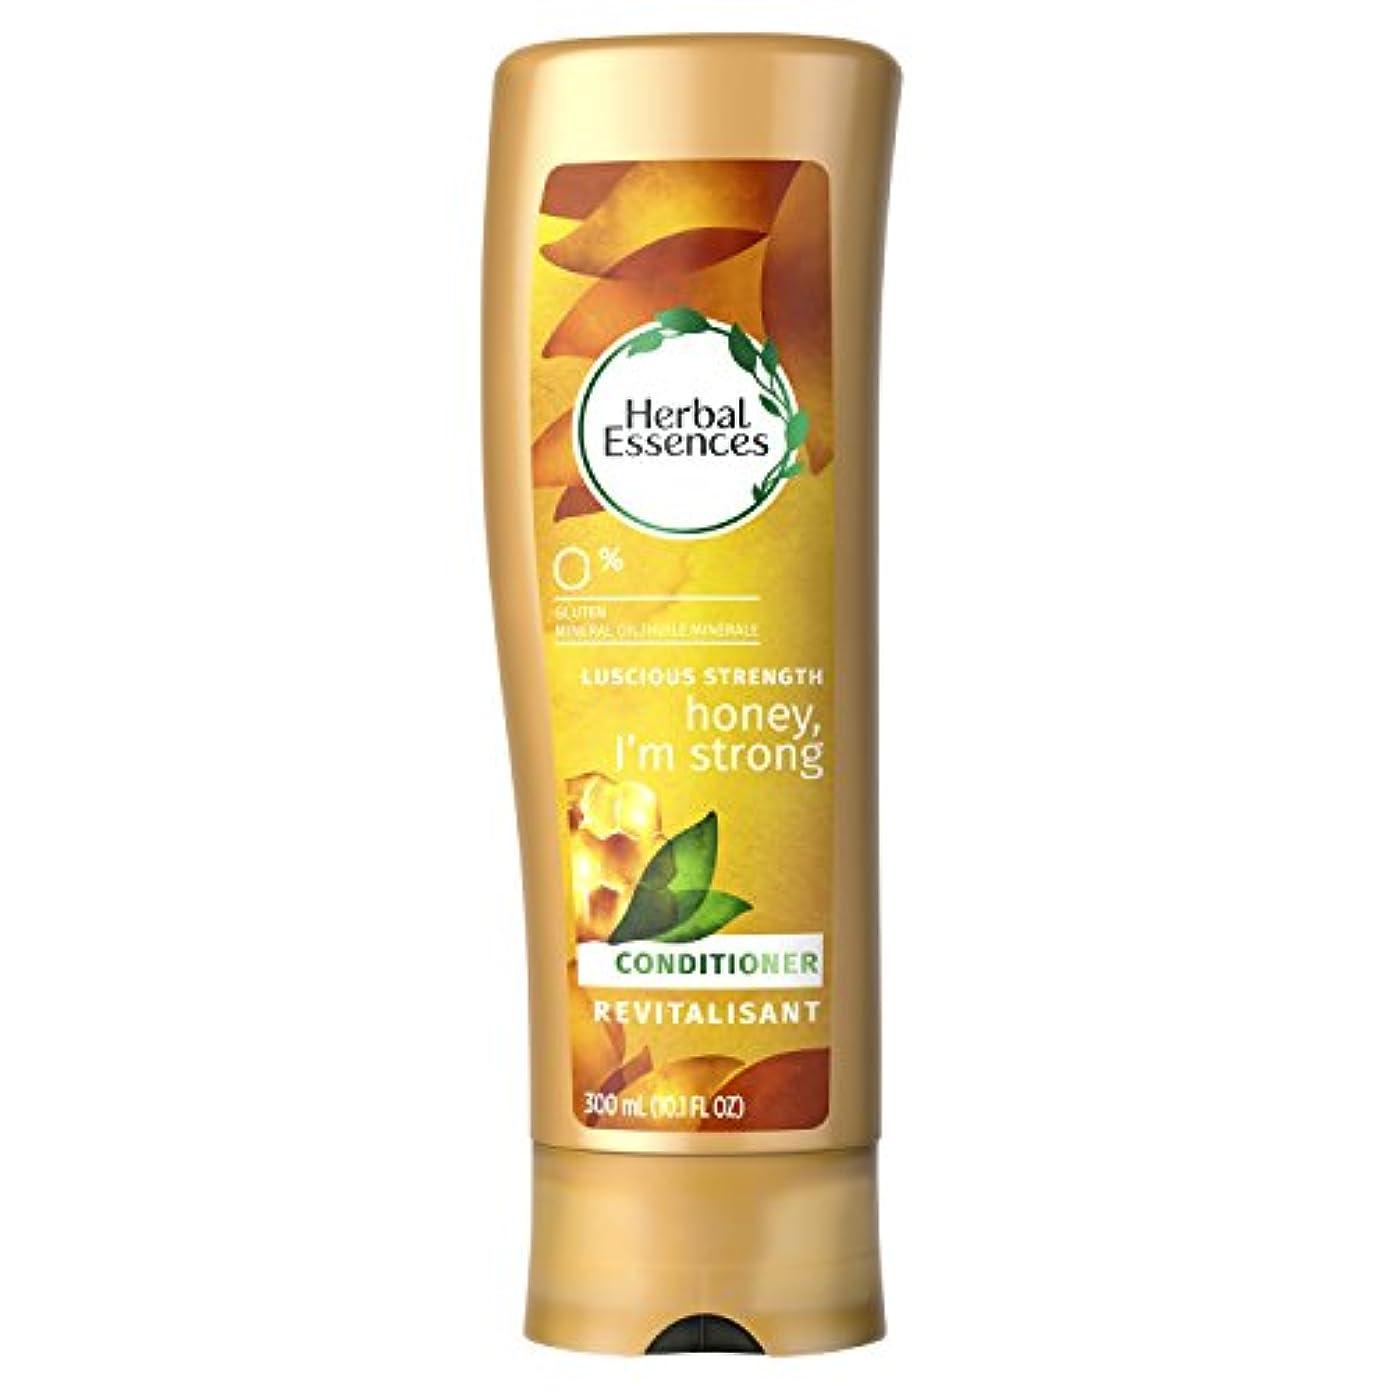 操縦する計算事故Herbal Essences Honey I'm Strong Strengthening Conditioner, 10.1 Fluid Ounce by Procter & Gamble - HABA Hub [並行輸入品]